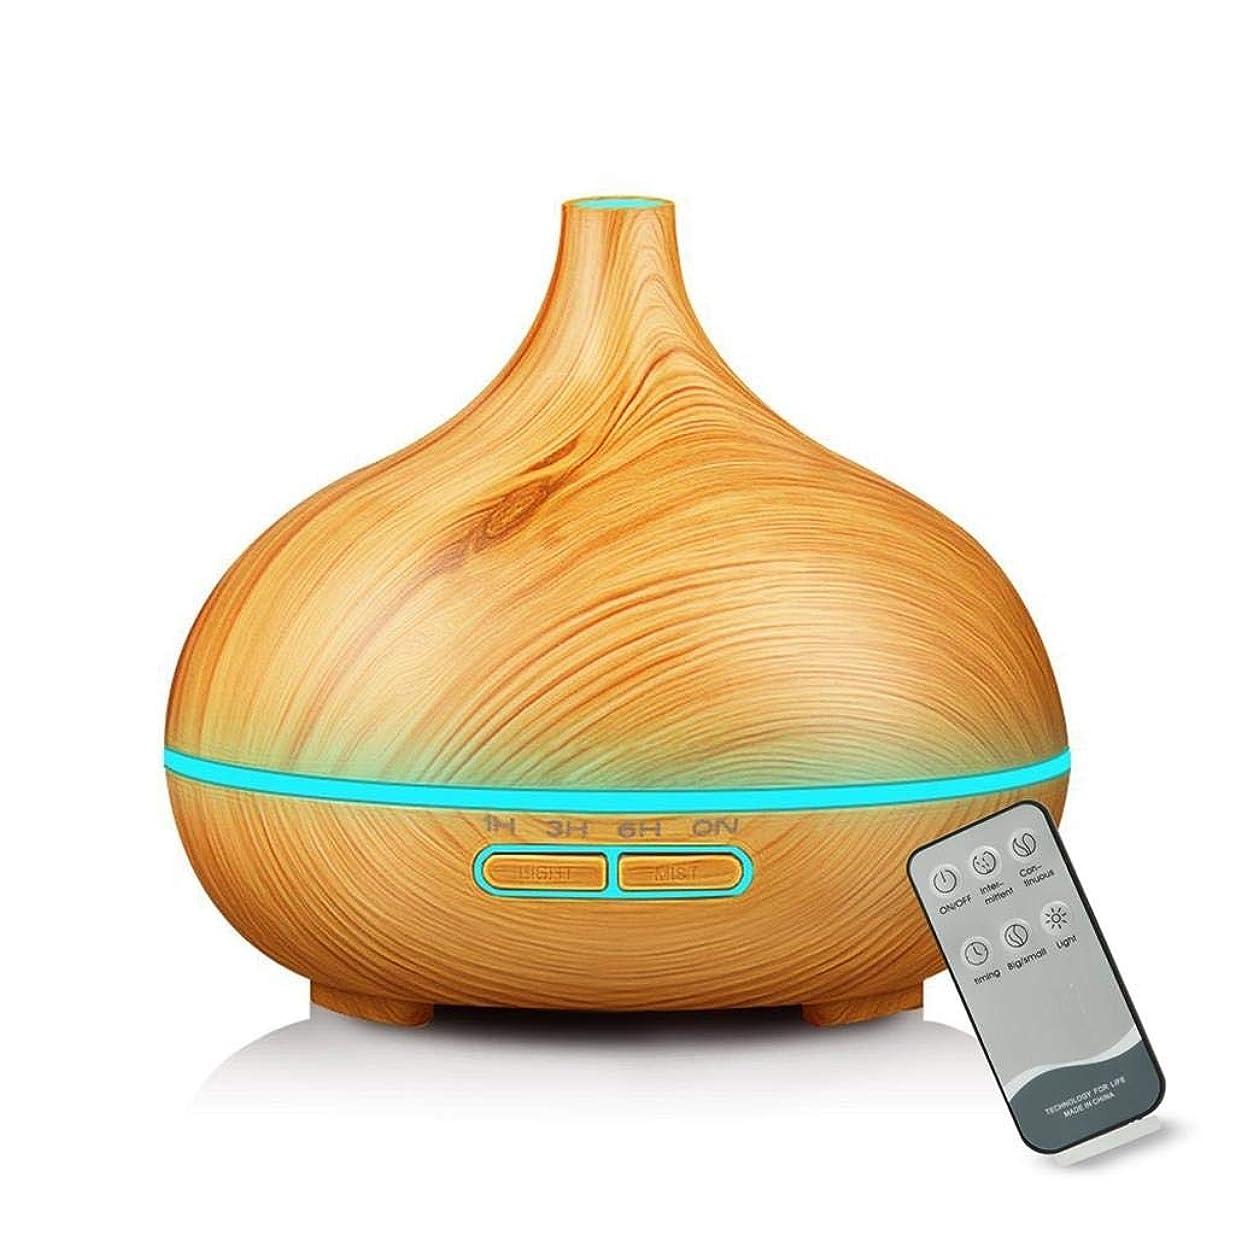 ホールドオールキリスト教で出来ているエッセンシャルオイルディフューザー ミスト アロマ フレグランス 癒し リラックス 調光 LED 寝室 (Color : Light peach)